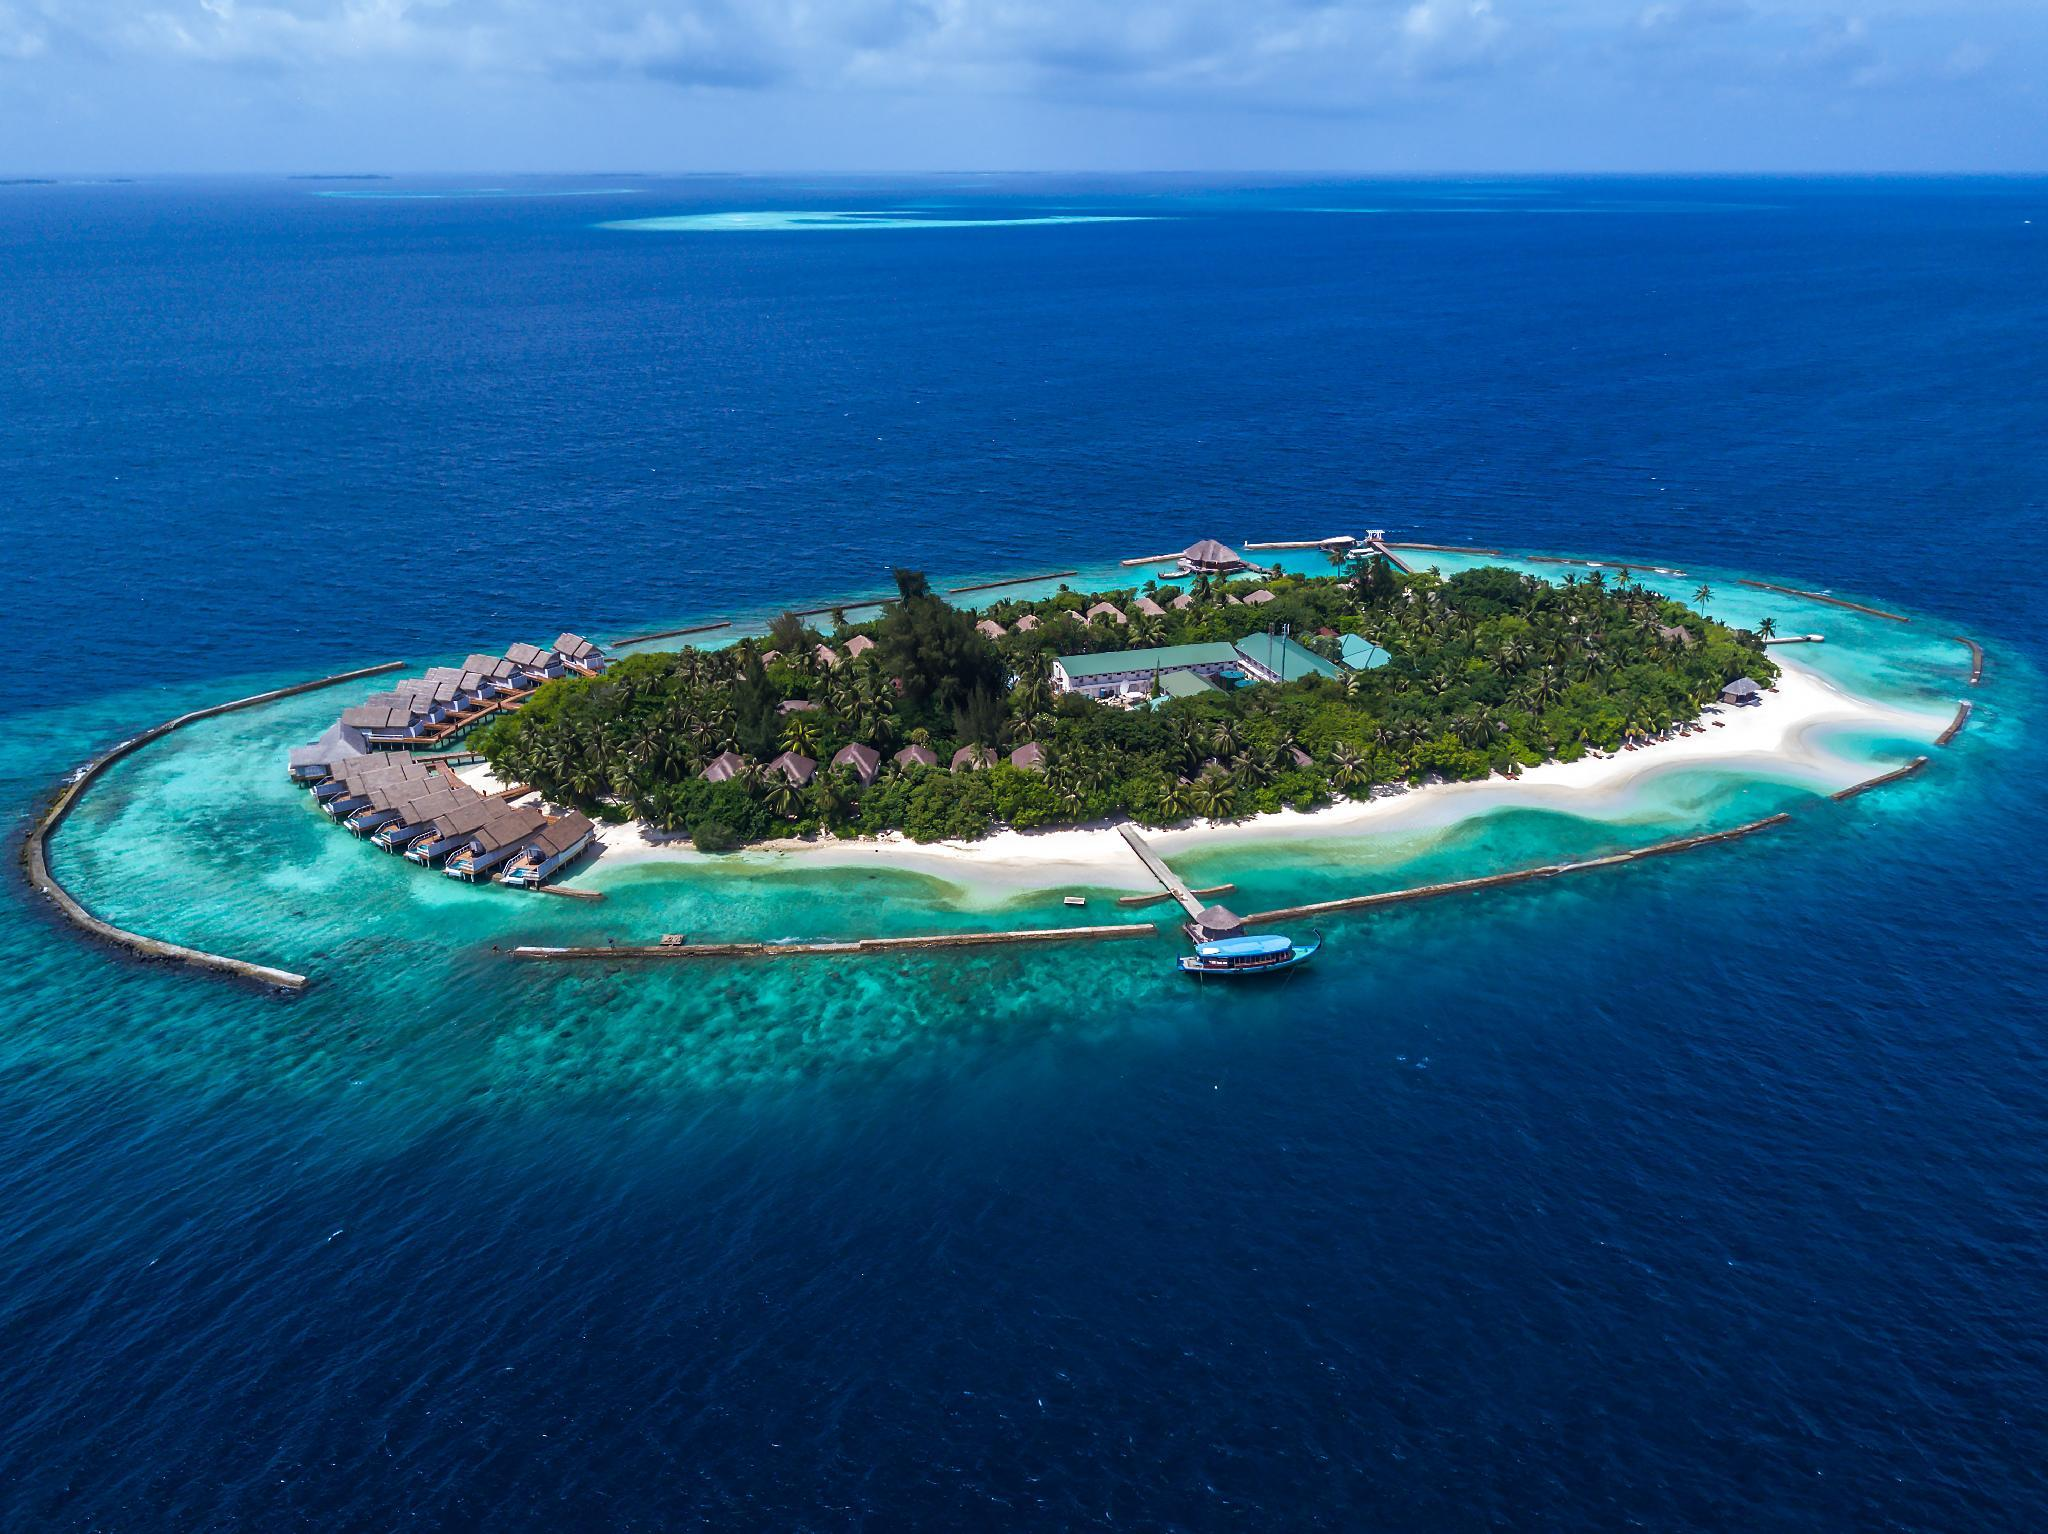 Amaya Resorts And Spas Kuda Rah Maldives